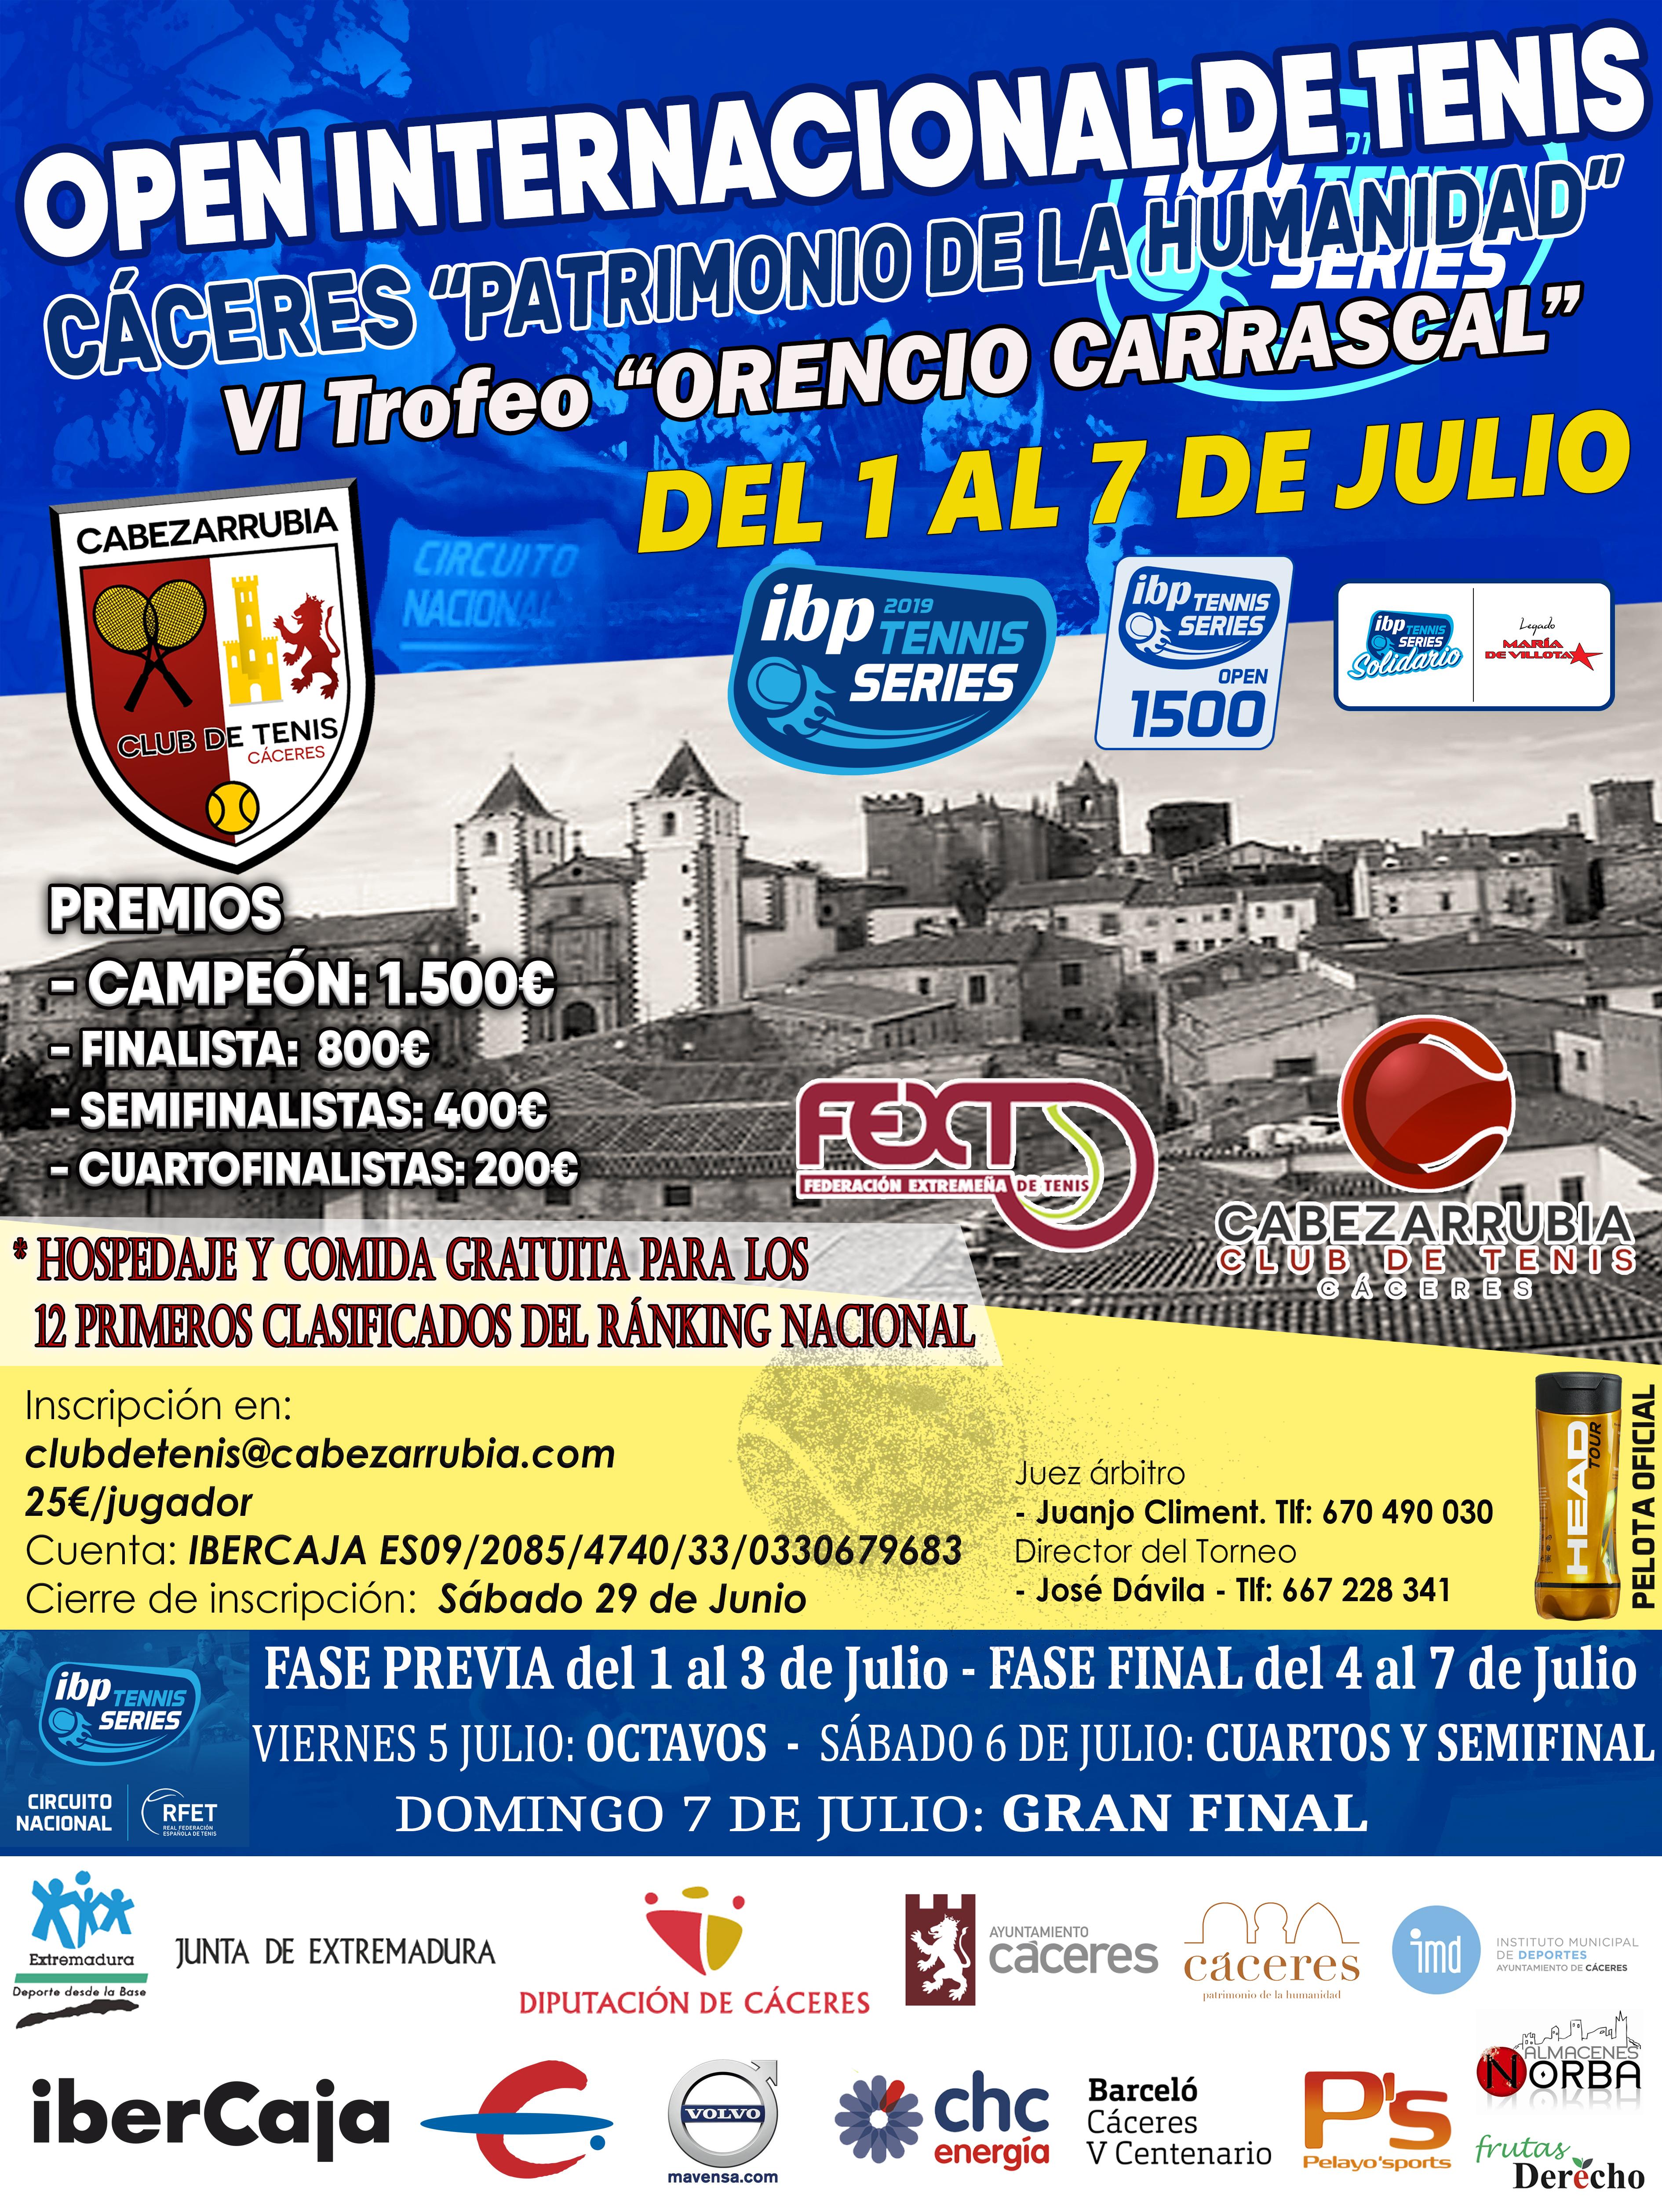 TORNEO CACERES PATRIMONIO.cdr